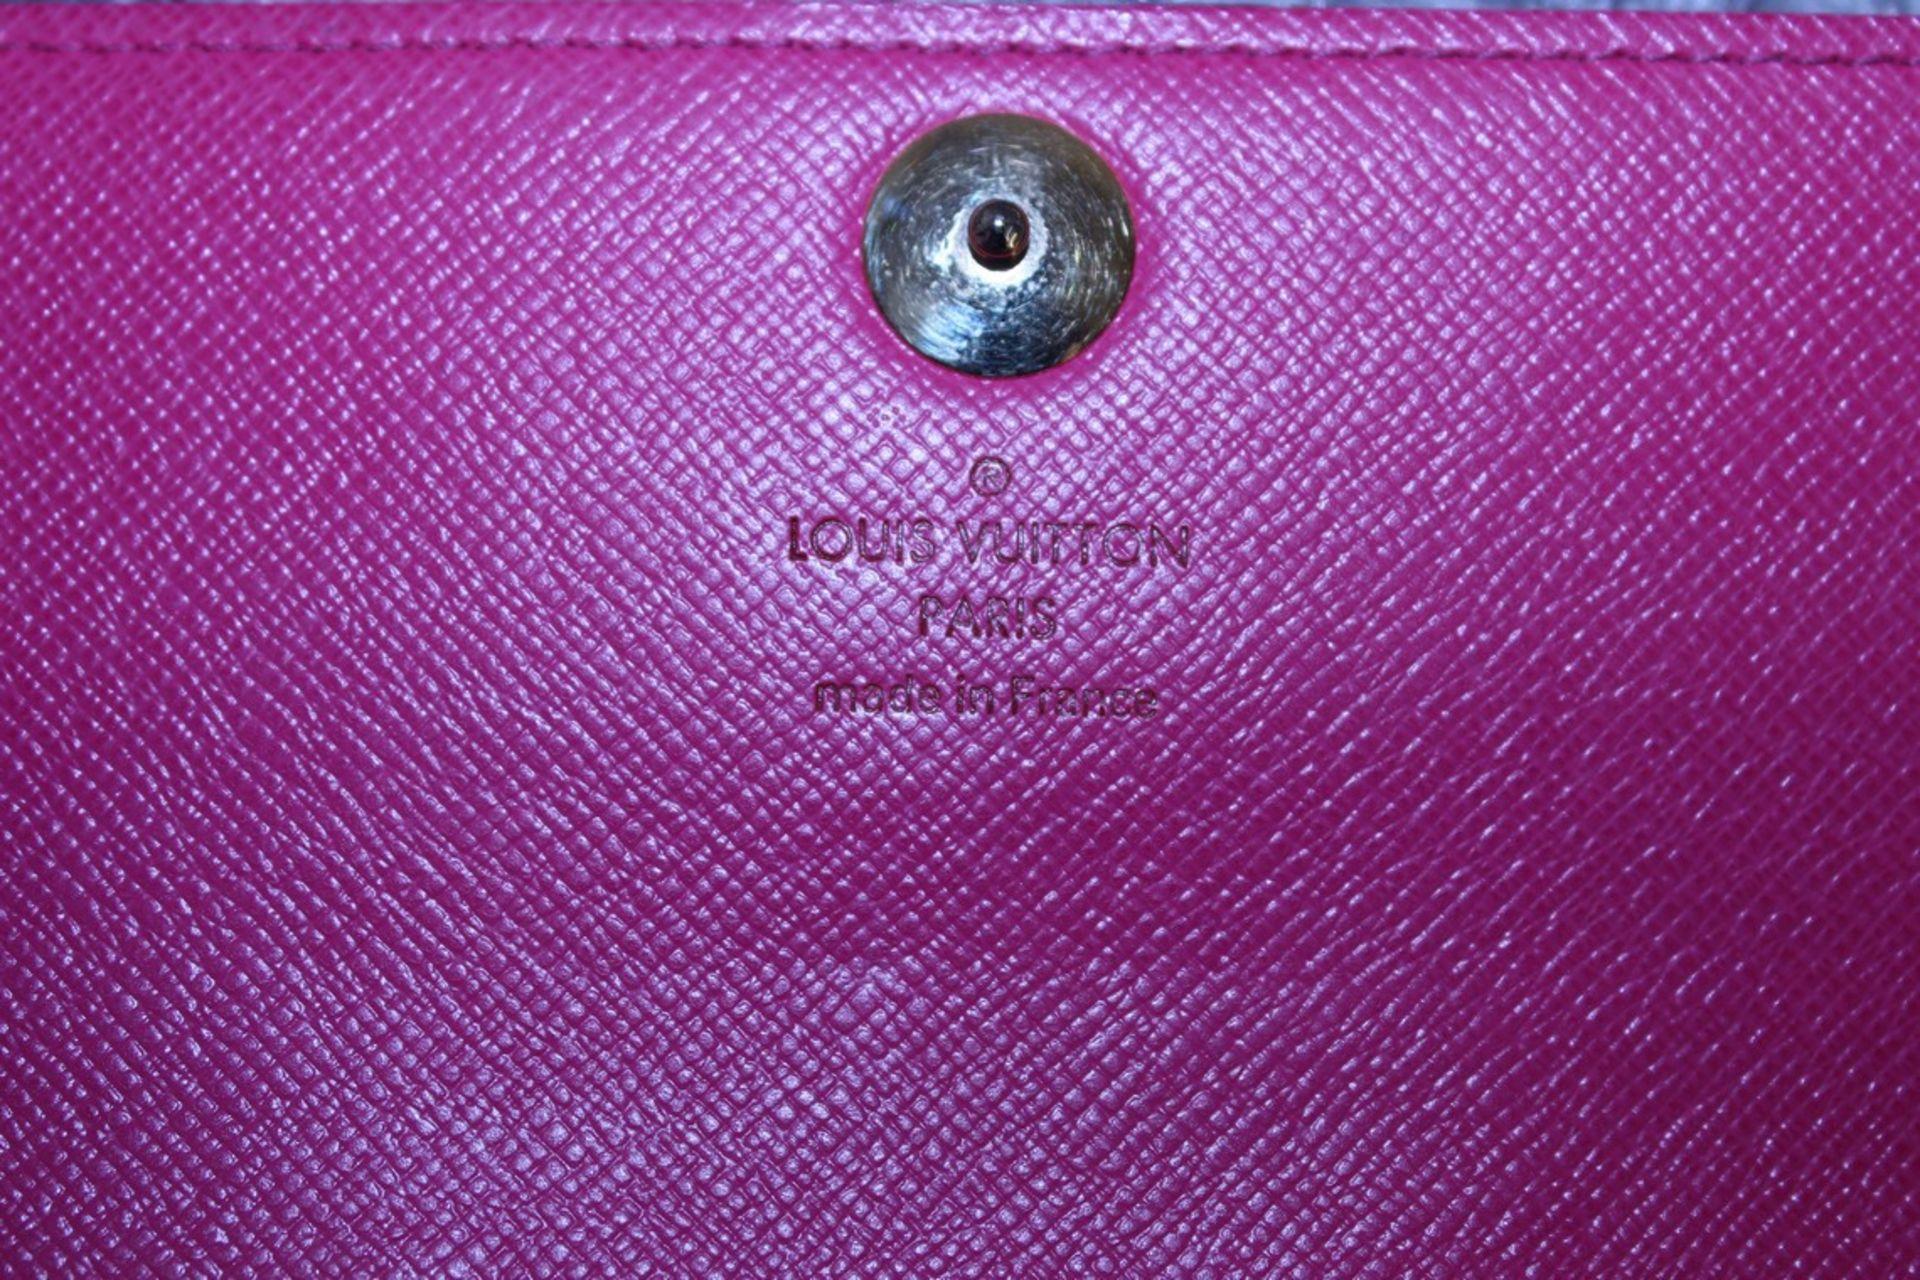 RRP £900 Louis Vuitton Sarah 10 Wallet, Black/Pink Coated Canvas, Multicolour Monogram 19X10X2Cm ( - Image 3 of 3